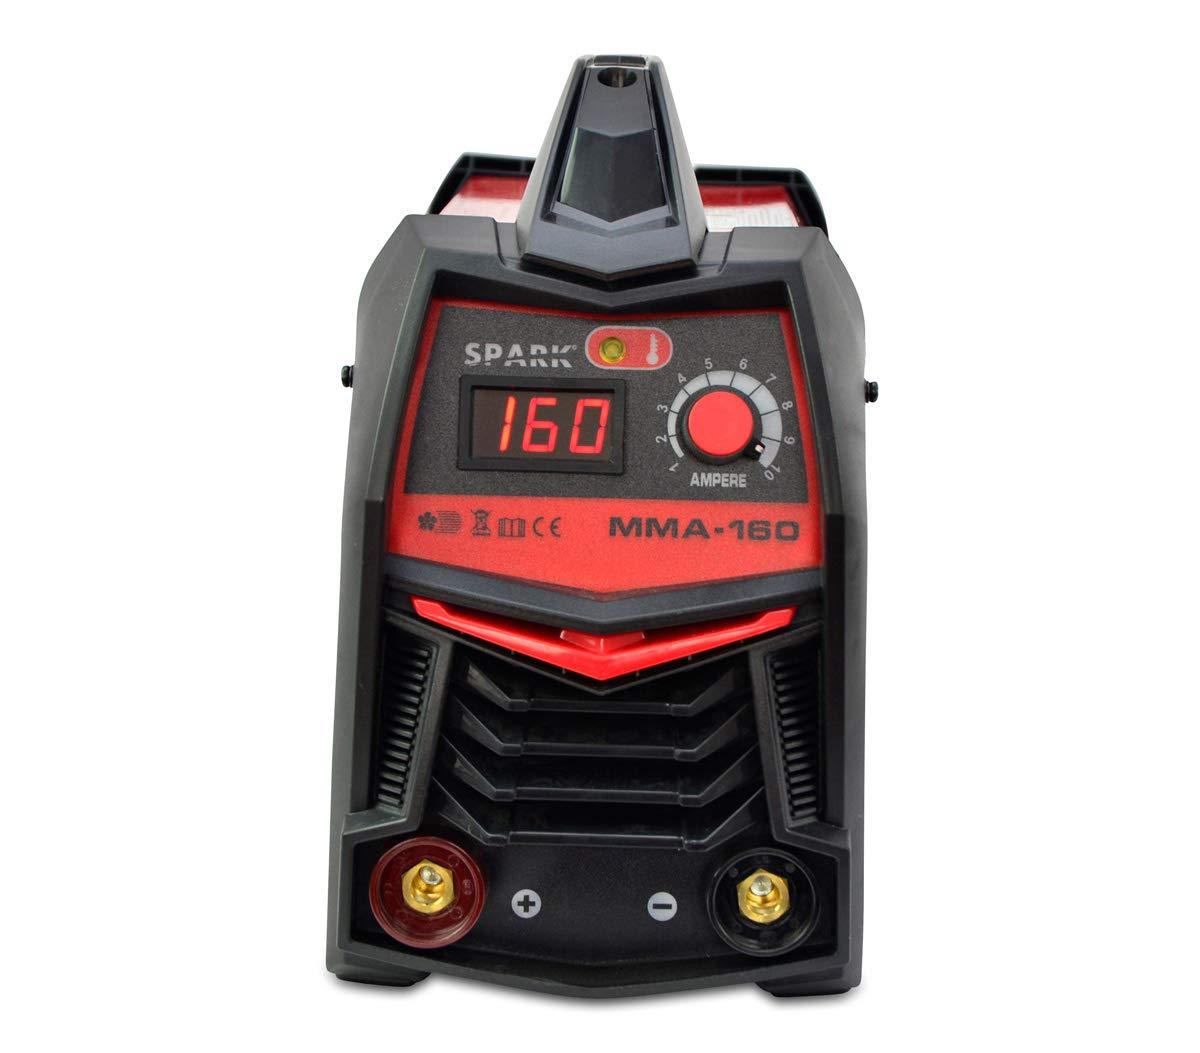 Soldador Inverter Soldadora Equipo de Soldadura Electrodo Electrodo hasta 3.25mm Maquina de Soldar (160 A, IGBT, Pantalla LED, incl. accesorios): Amazon.es: ...